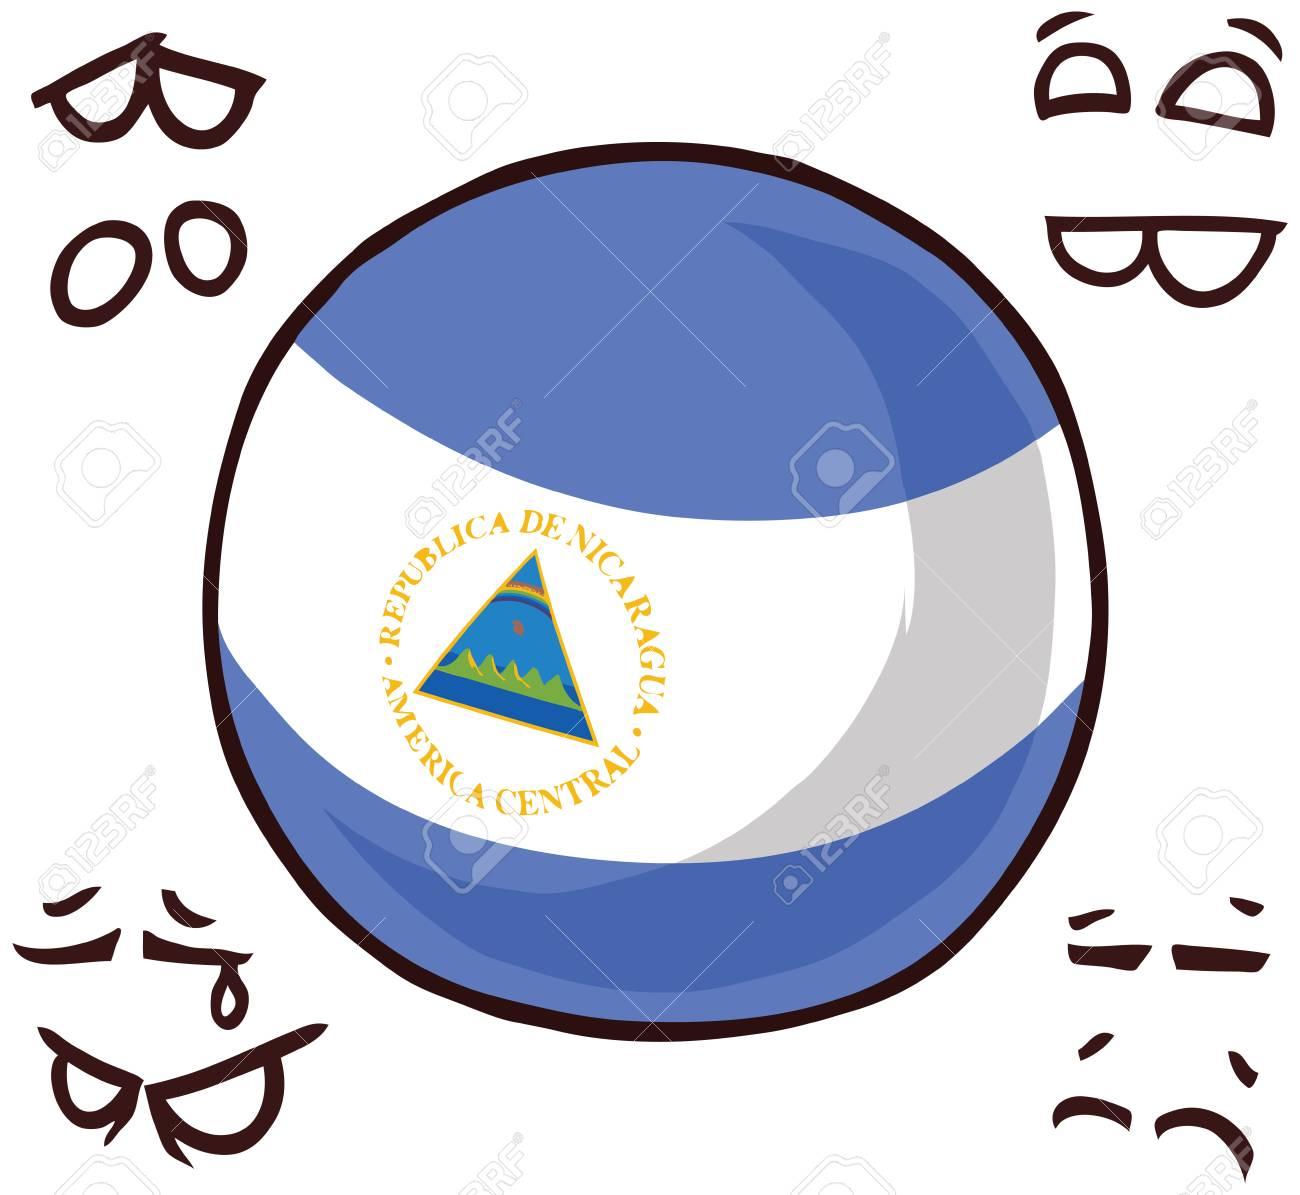 Nicaragua country ball - 110723172